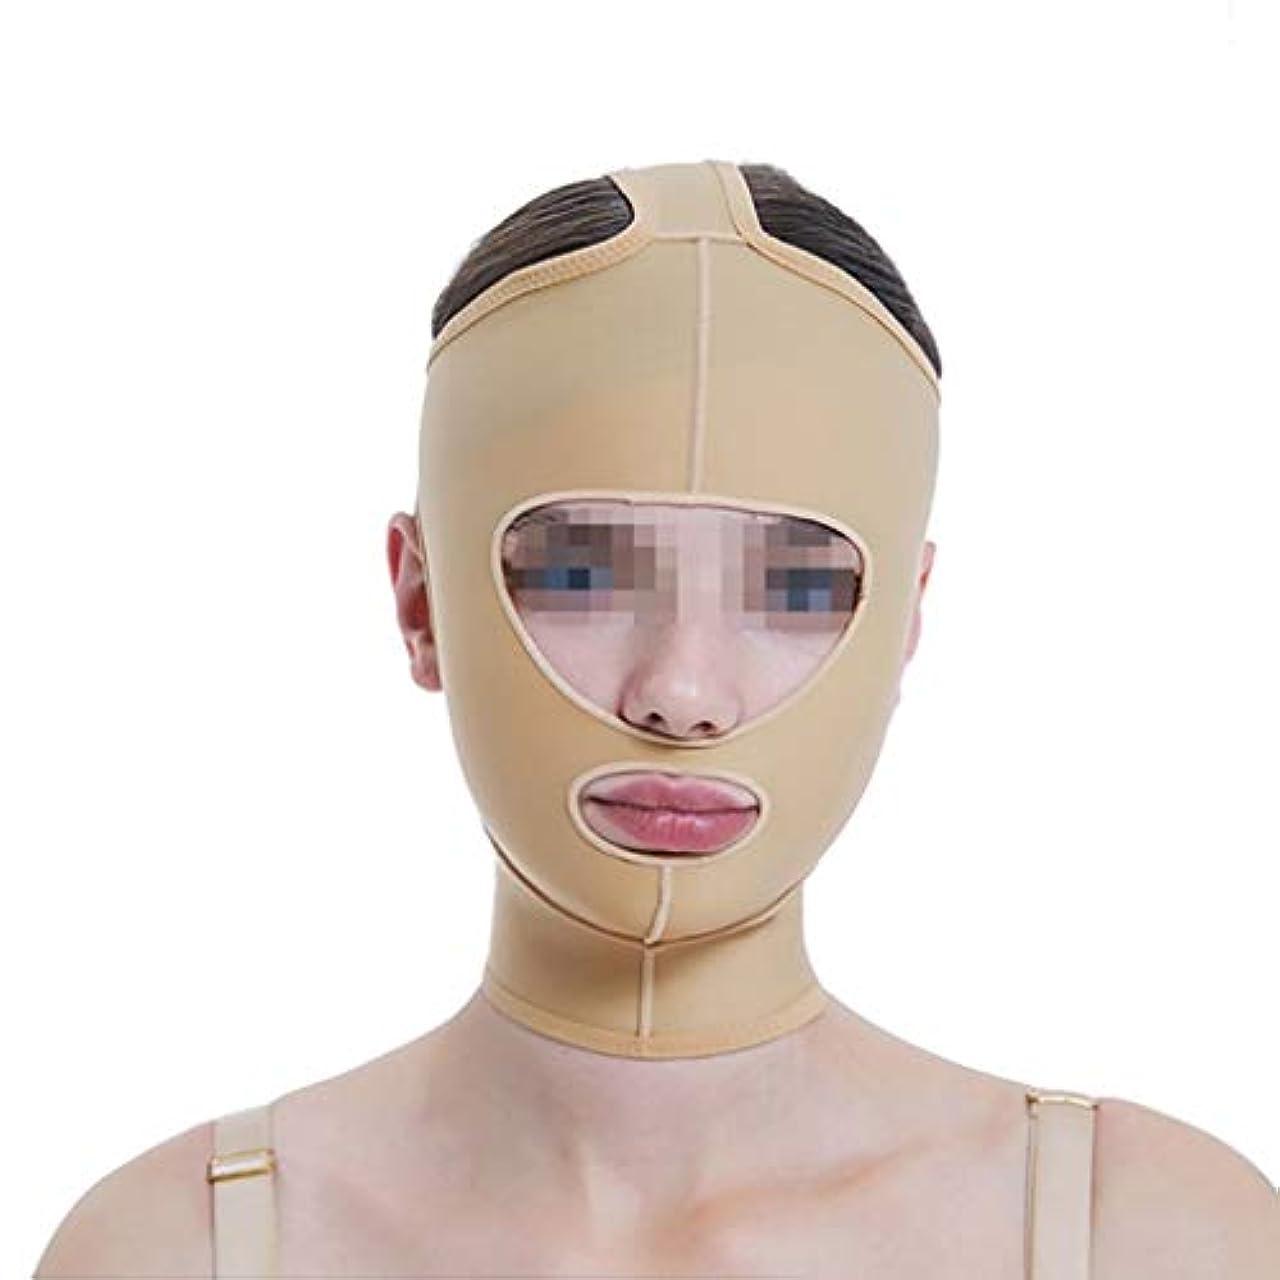 衣類郵便番号摂氏度XHLMRMJ フェイスリフトマスク、ラインカービングフェイスエラスティックセットシンダブルチンVフェイスビーム、マルチサイズオプション (Size : M)